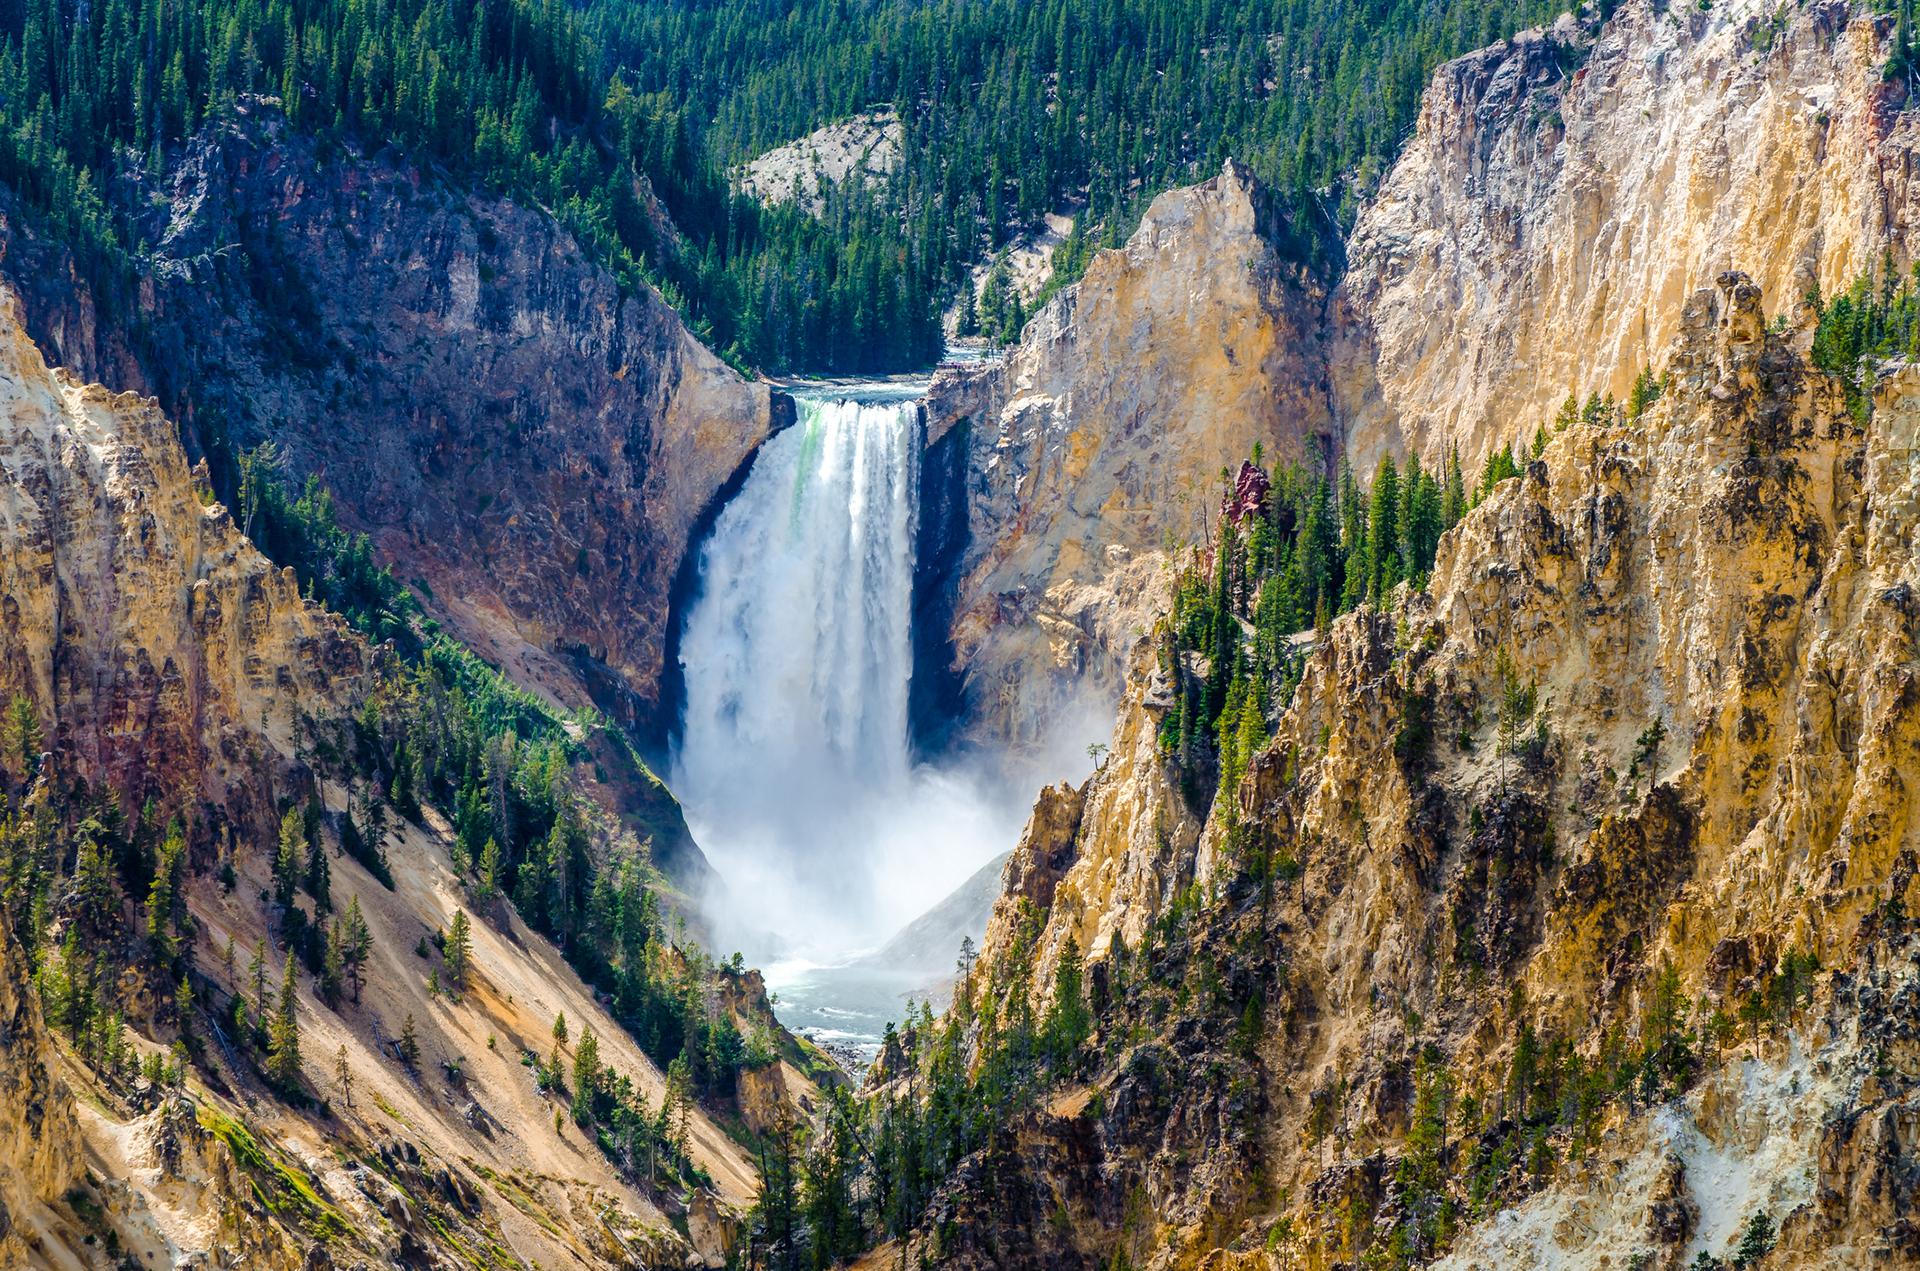 Ubicado en Wyoming, Montana e Idaho, es famoso por su diversidad de fauna. También destaca el Gran Cañón de Yellowstone, y la colección de géiseres y fuentes termales más impresionante del planeta Tierra